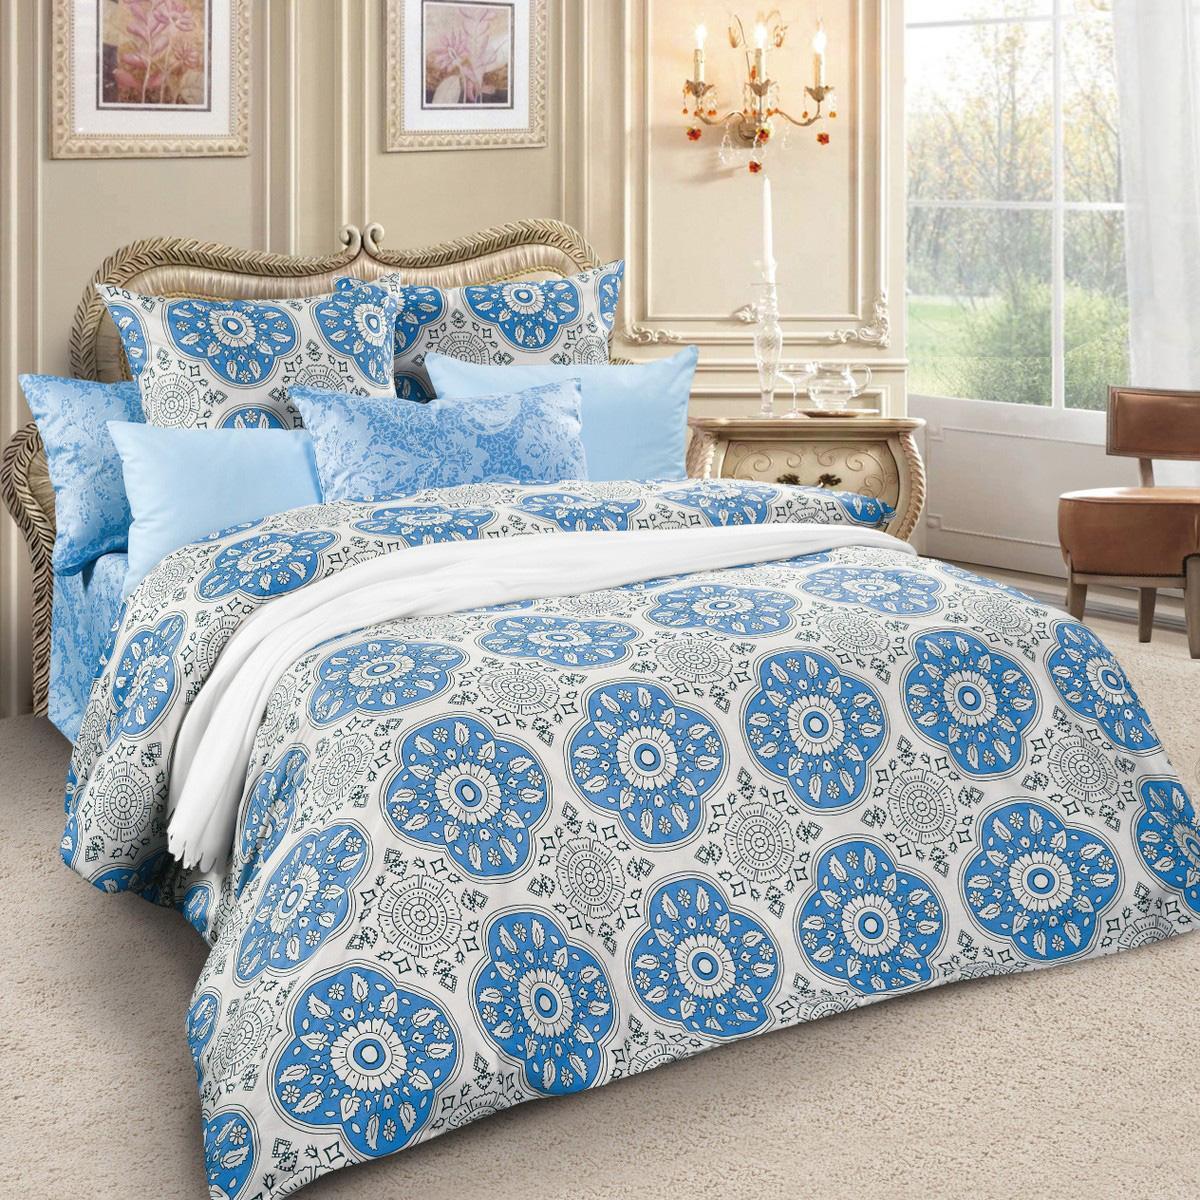 Комплект белья Letto, 1,5-спальный, наволочки 70х70, цвет: серый, голубой. sm61-3sm61-3Спокойная классика в сатиновом исполнении - залог комфорта и гармонии цвета в вашей спальни. Дополните свою спальню актуальным принтом от европейских дизайнеров! Это отличный подарок любителям модных трендов в цвете и дизайне.Комплект выполнен из сатина, который заслужено считается благородной тканью для постельного белья. Сатину свойственна практичность, долговечность, мягкость и изысканный блеск, такая ткань прекрасно впитывает влагу во время сна, комфортна на ощупь и не требует особого ухода. Серия Letto Сатин – это современные дизайны в европейской стилистике, которые прекрасно дополнят Вашу спальню. Обращаем внимание, что наволочки могут отличаться от представленных на фотографии. Также может отличаться и оттенок комплекта из-за разницы в цветопередаче мониторов.